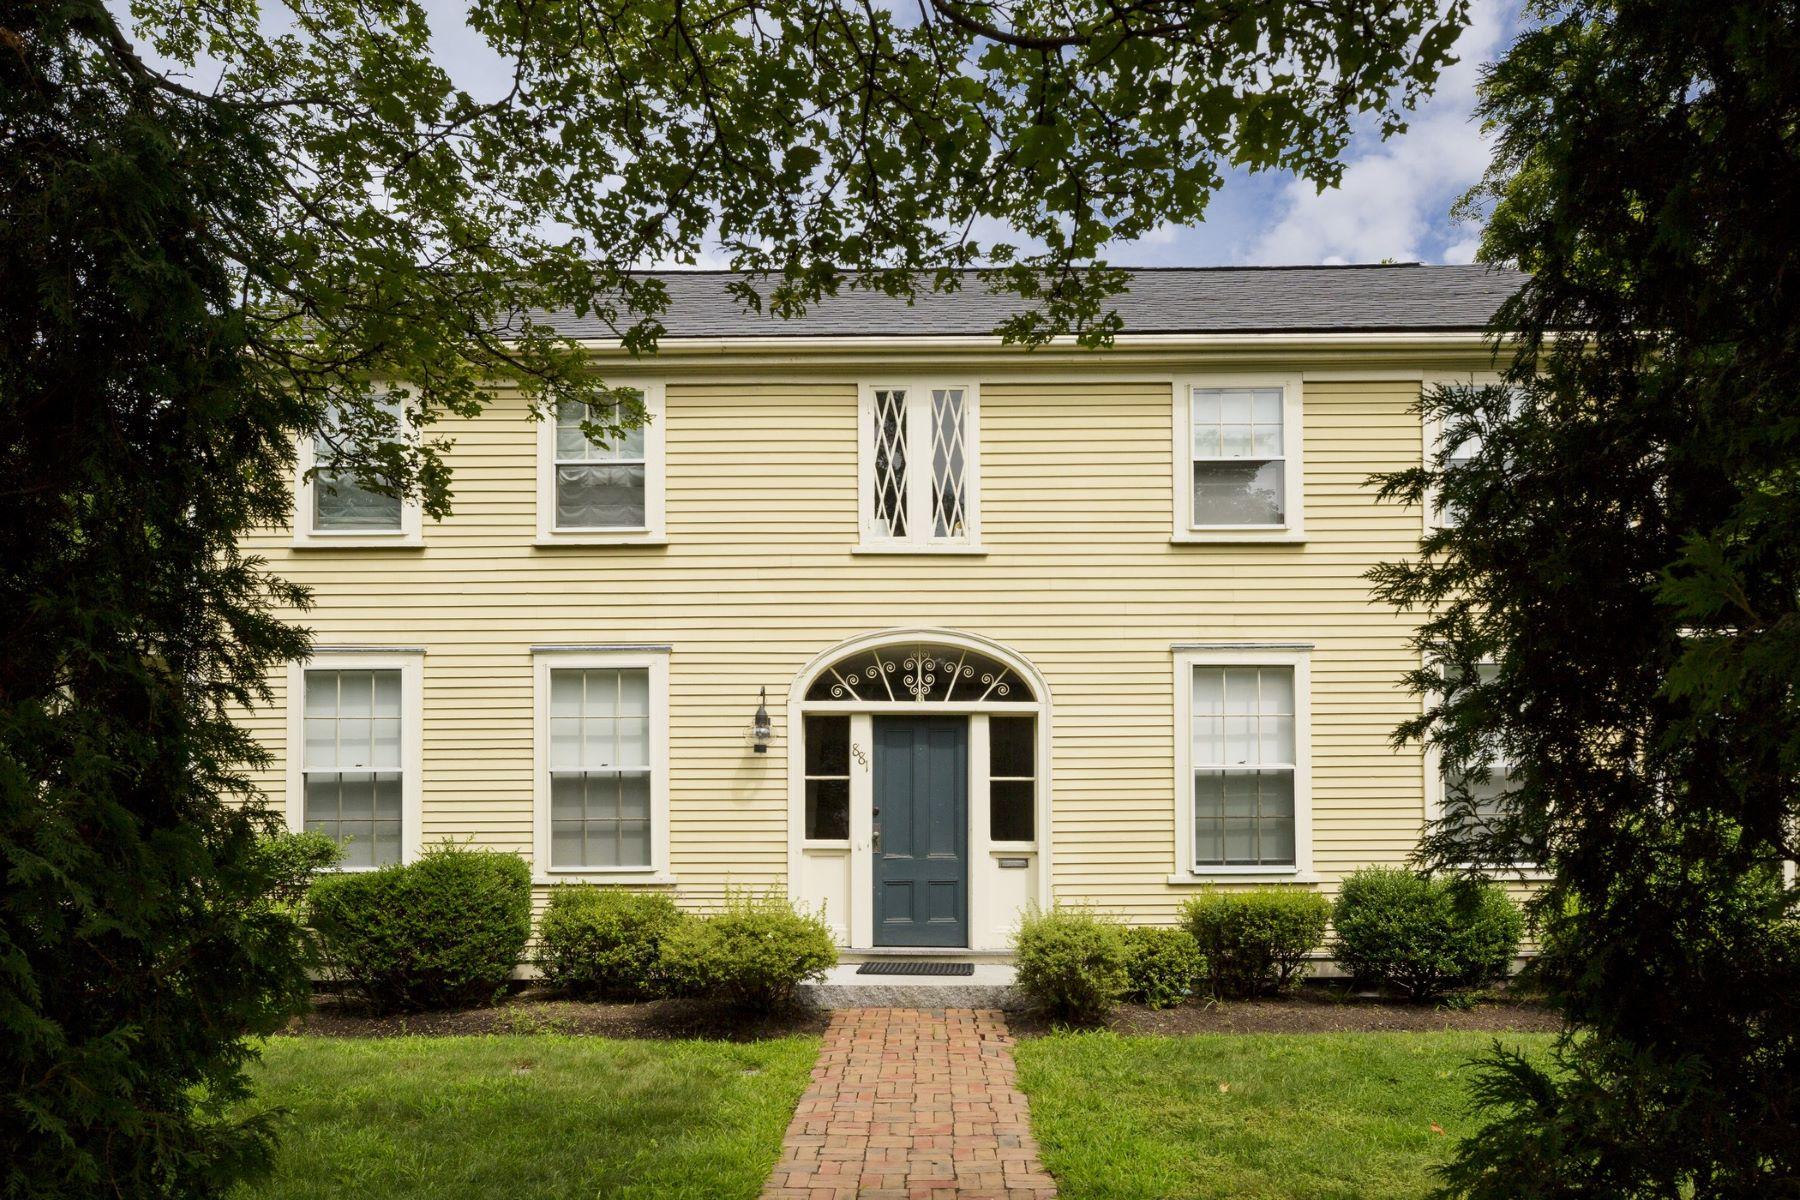 Multi-Family Home for Sale at Stunning Scandinavian Design Home 881 Massachusetts Ave Lexington, Massachusetts, 02420 United States